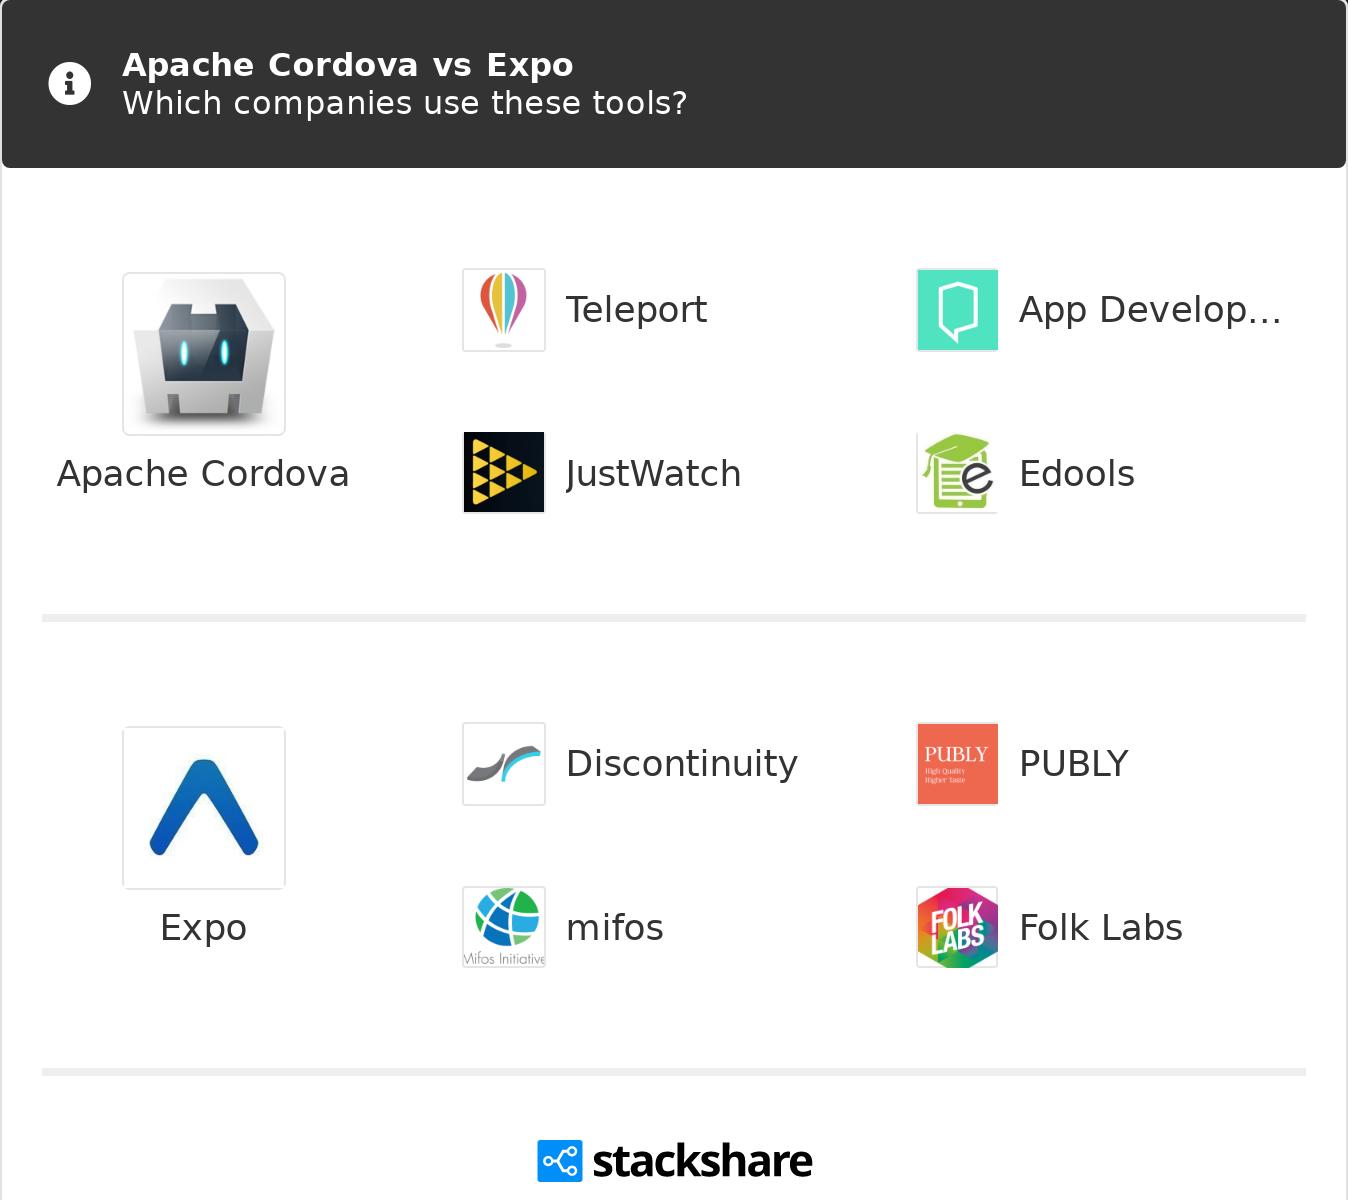 Apache Cordova vs Expo | What are the differences?